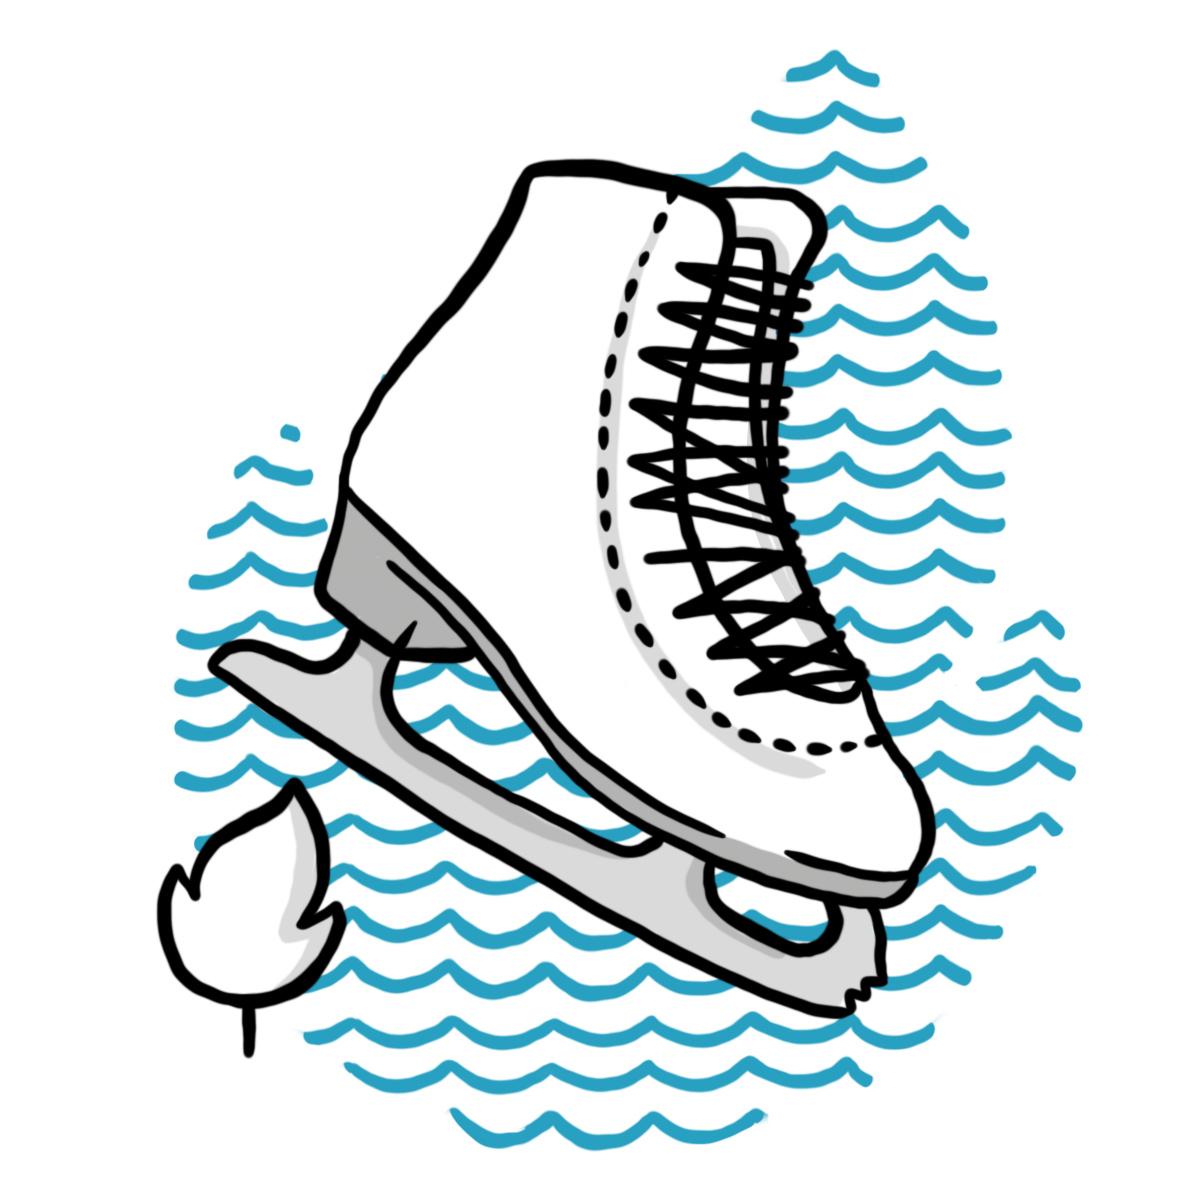 Eislaufschuh mit Leistungssport-Bäumchen (Symbol für Schulzweig Leistungssport)